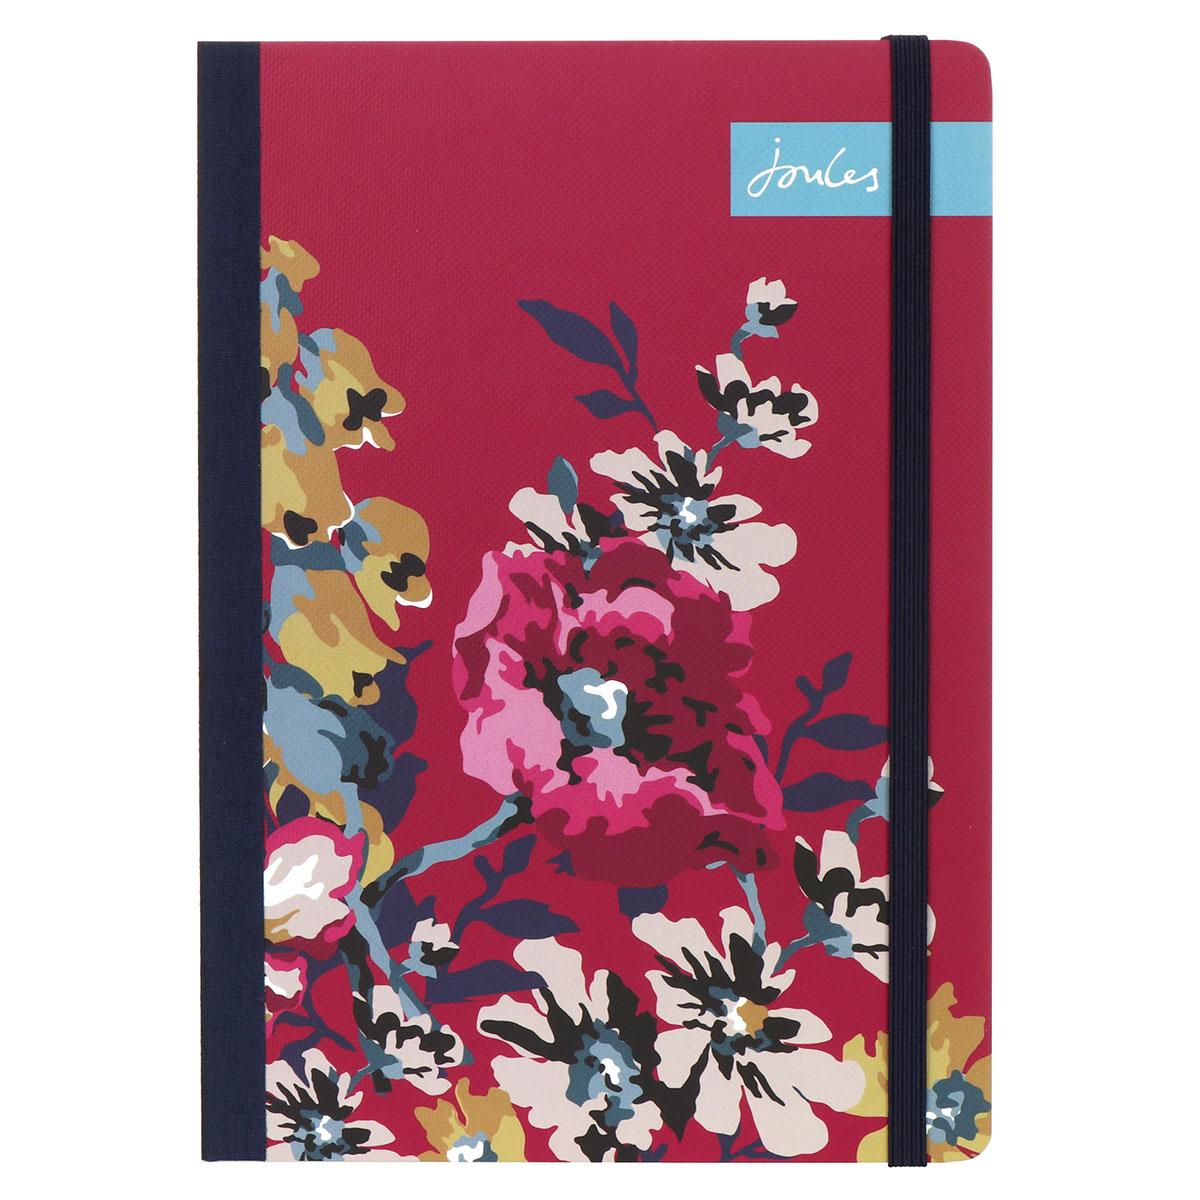 Joules Cambridge Floral A5 Flexi Journal